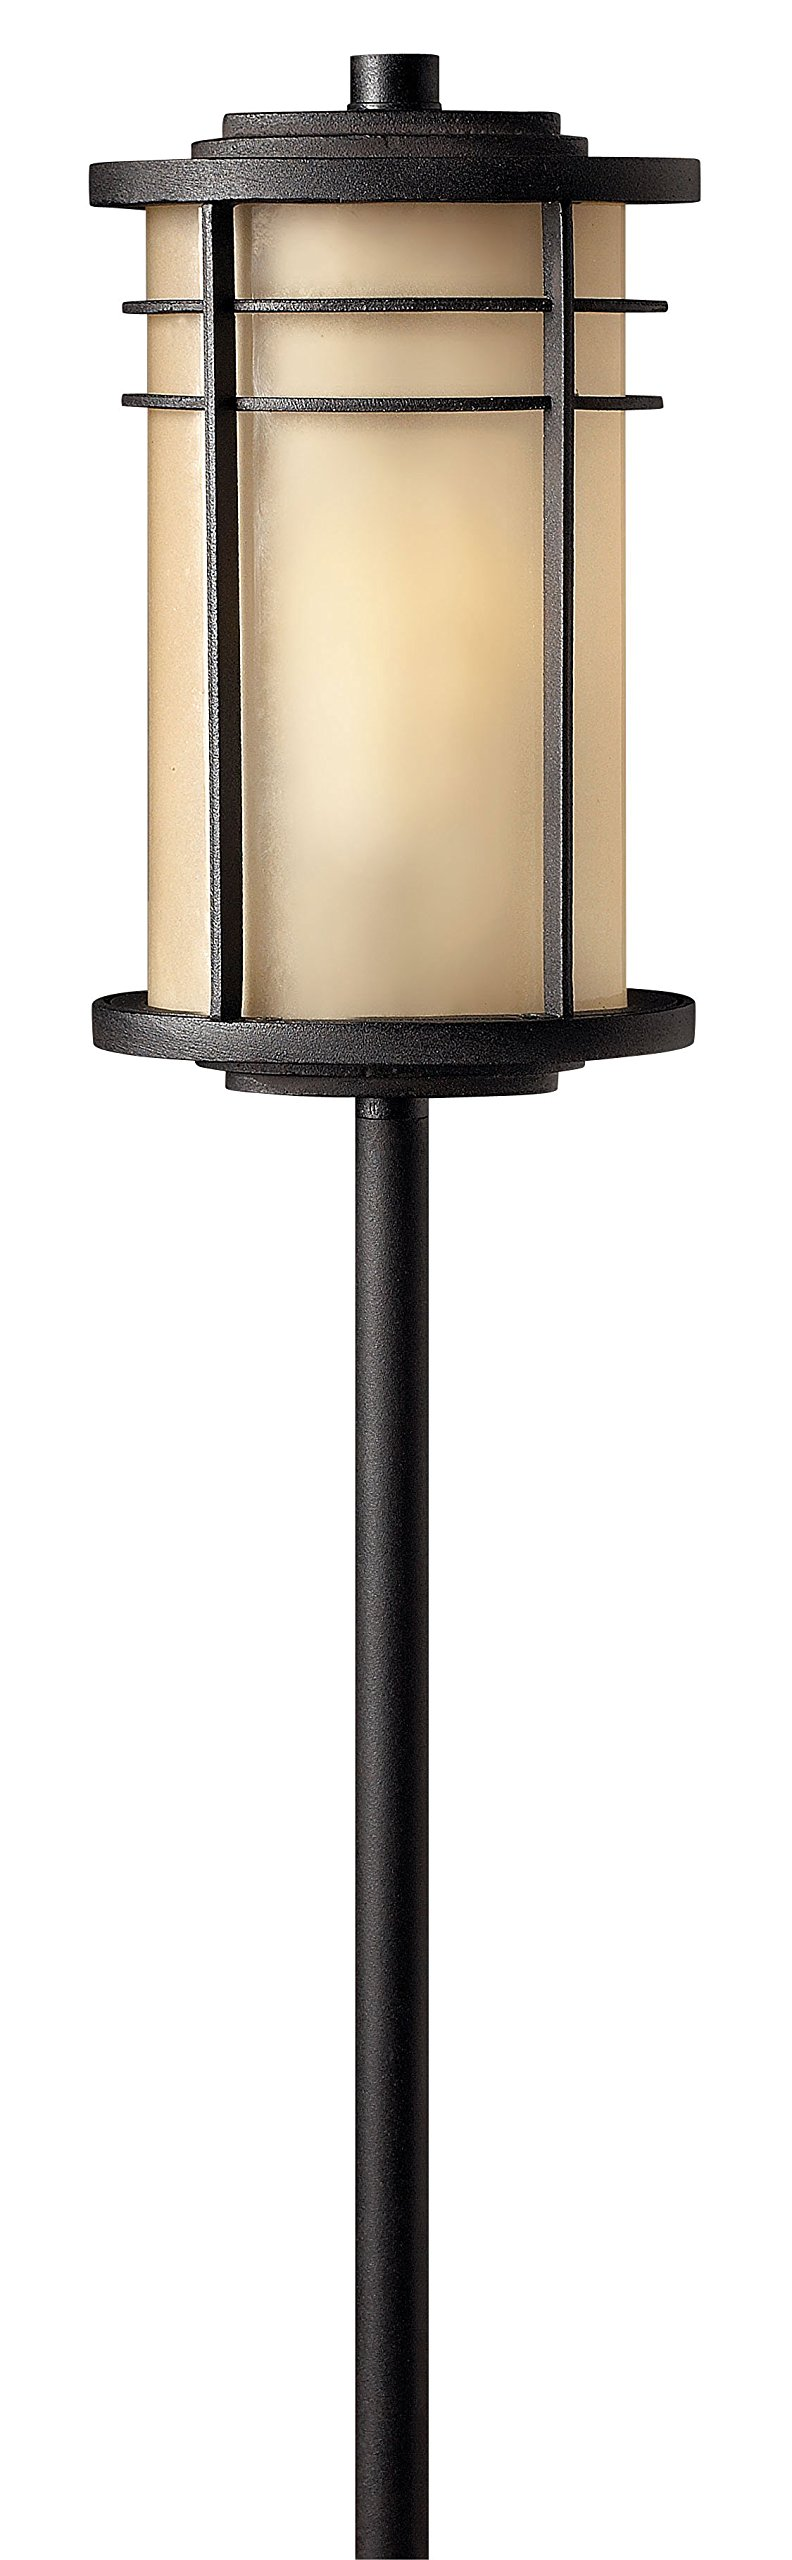 Hinkley Lighting 1516MR Ledgewood Path Light, 18 Watt T5 Wedge Base Light Bulb, Museum Bronze